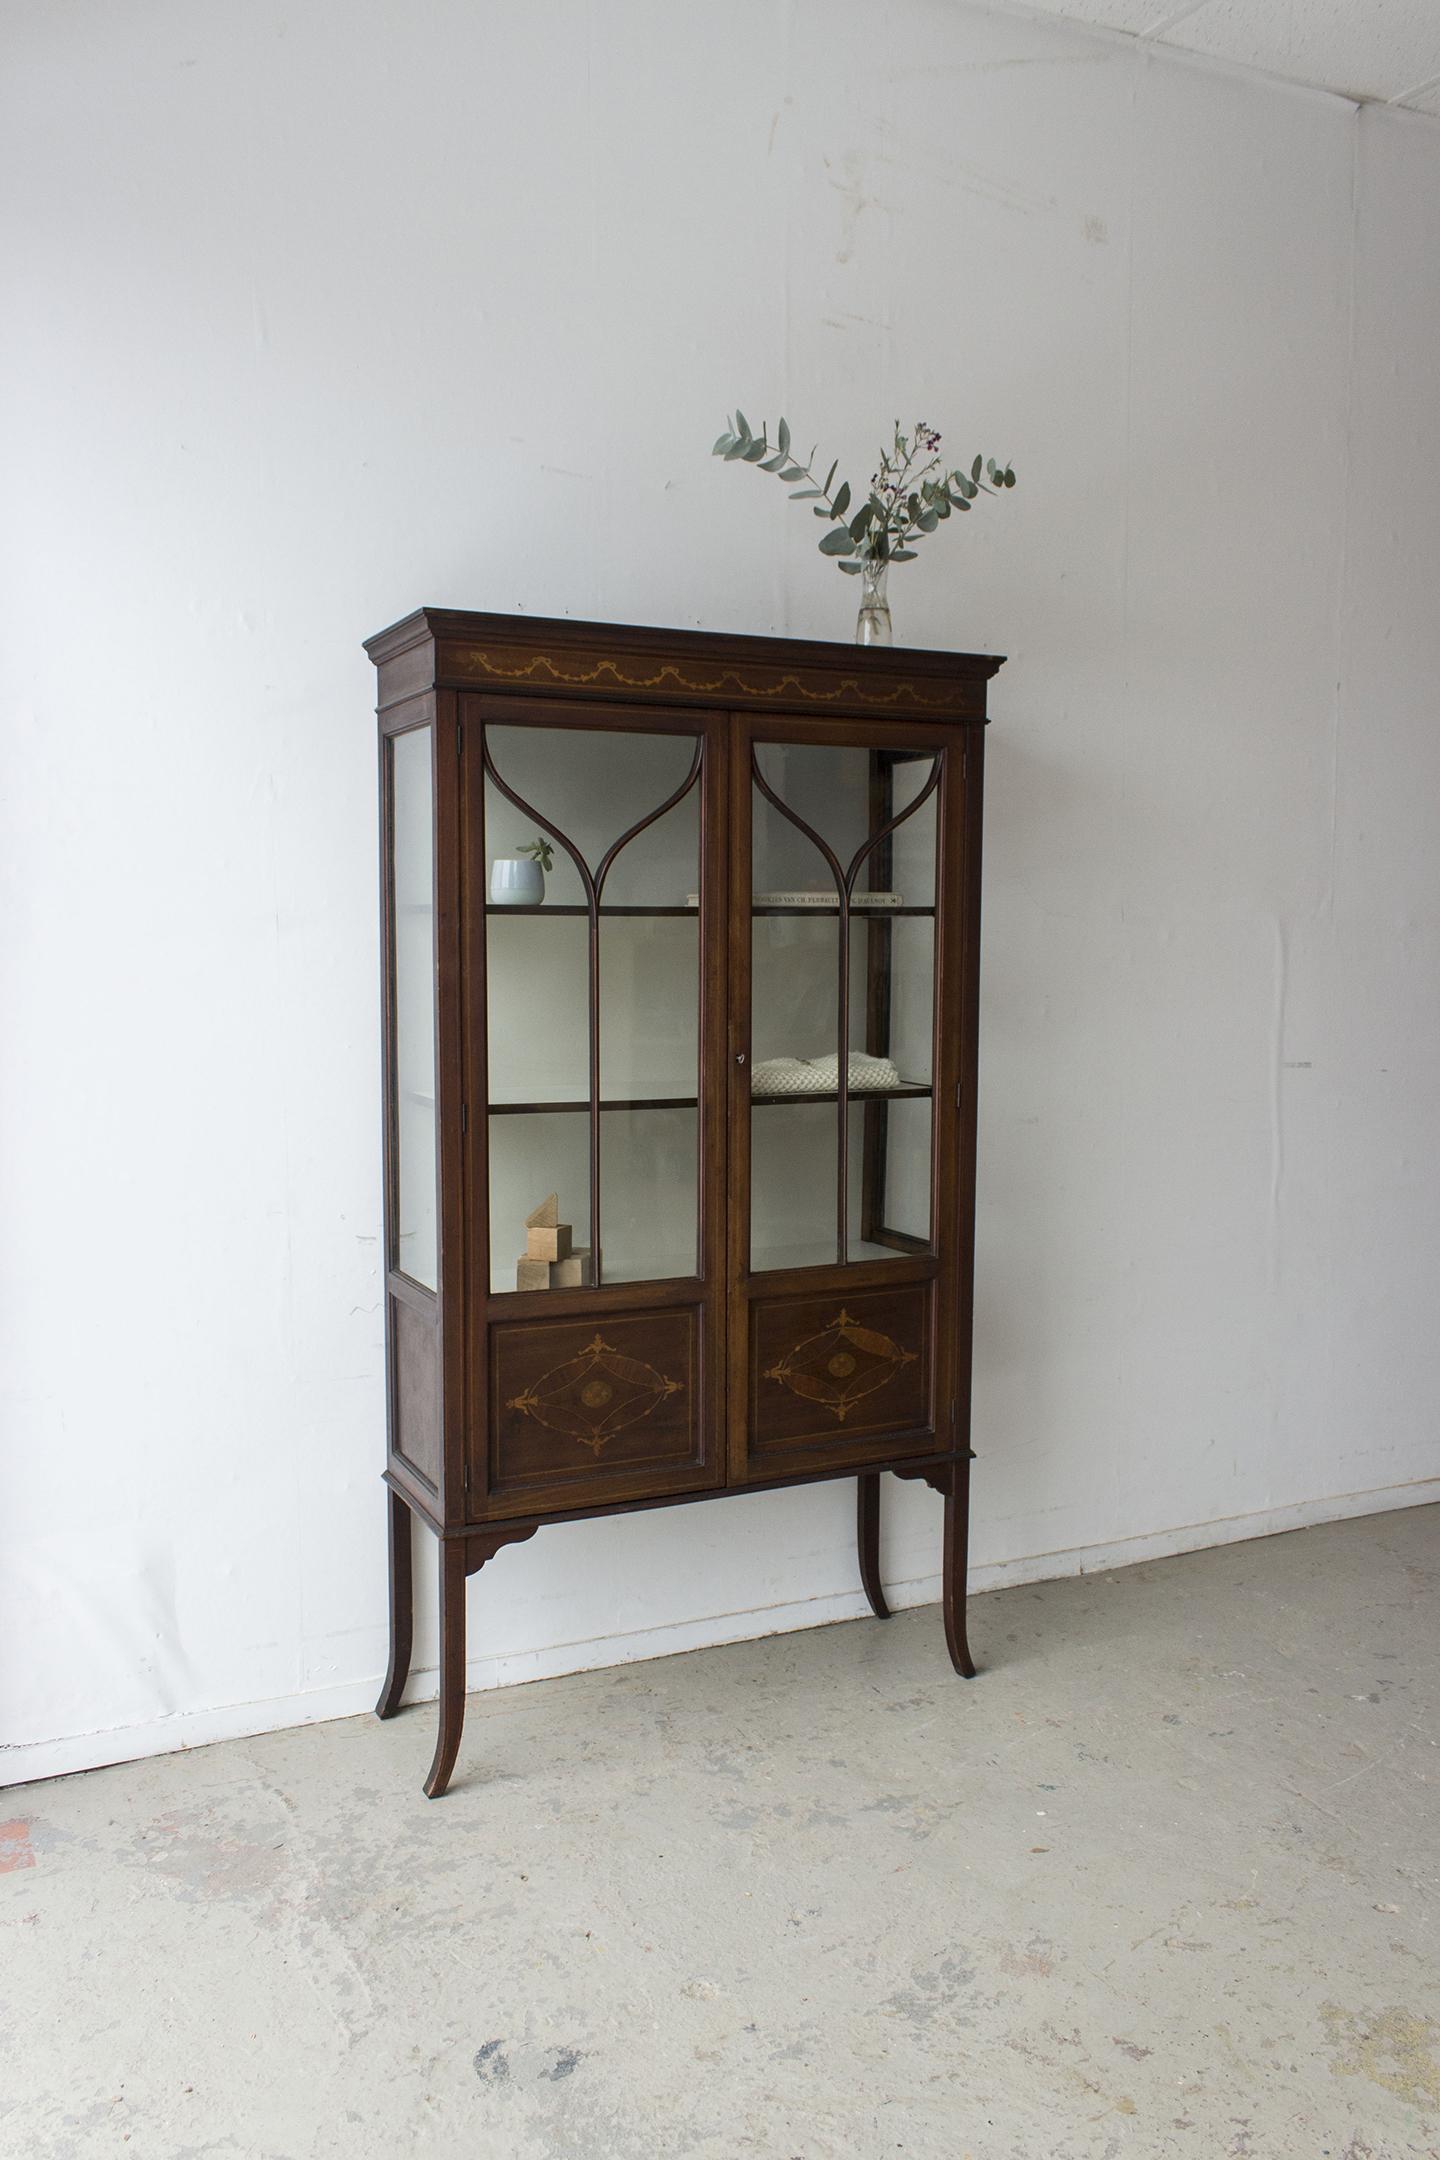 1486 - Vintage vitrinekastje uit Engeland - Firma Zoethout_4.jpg